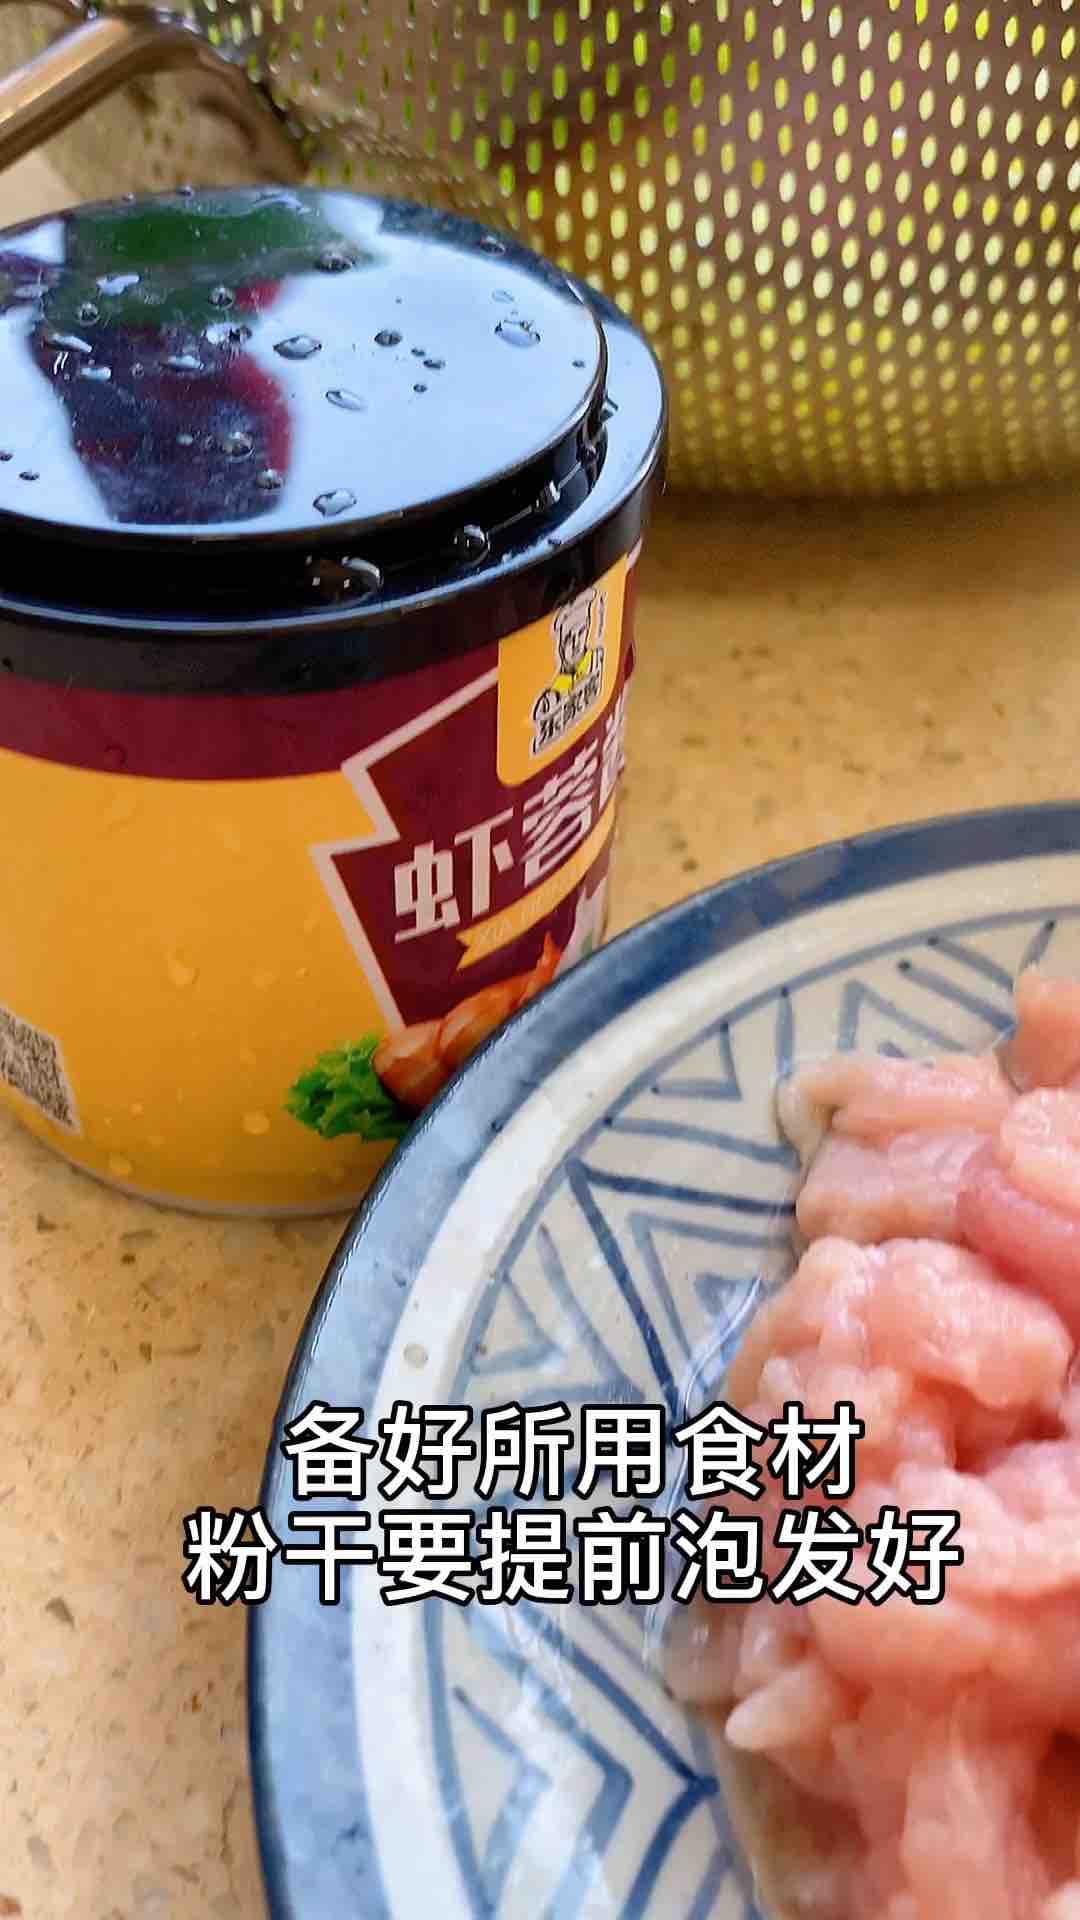 虾蓉酱炒粉的做法大全